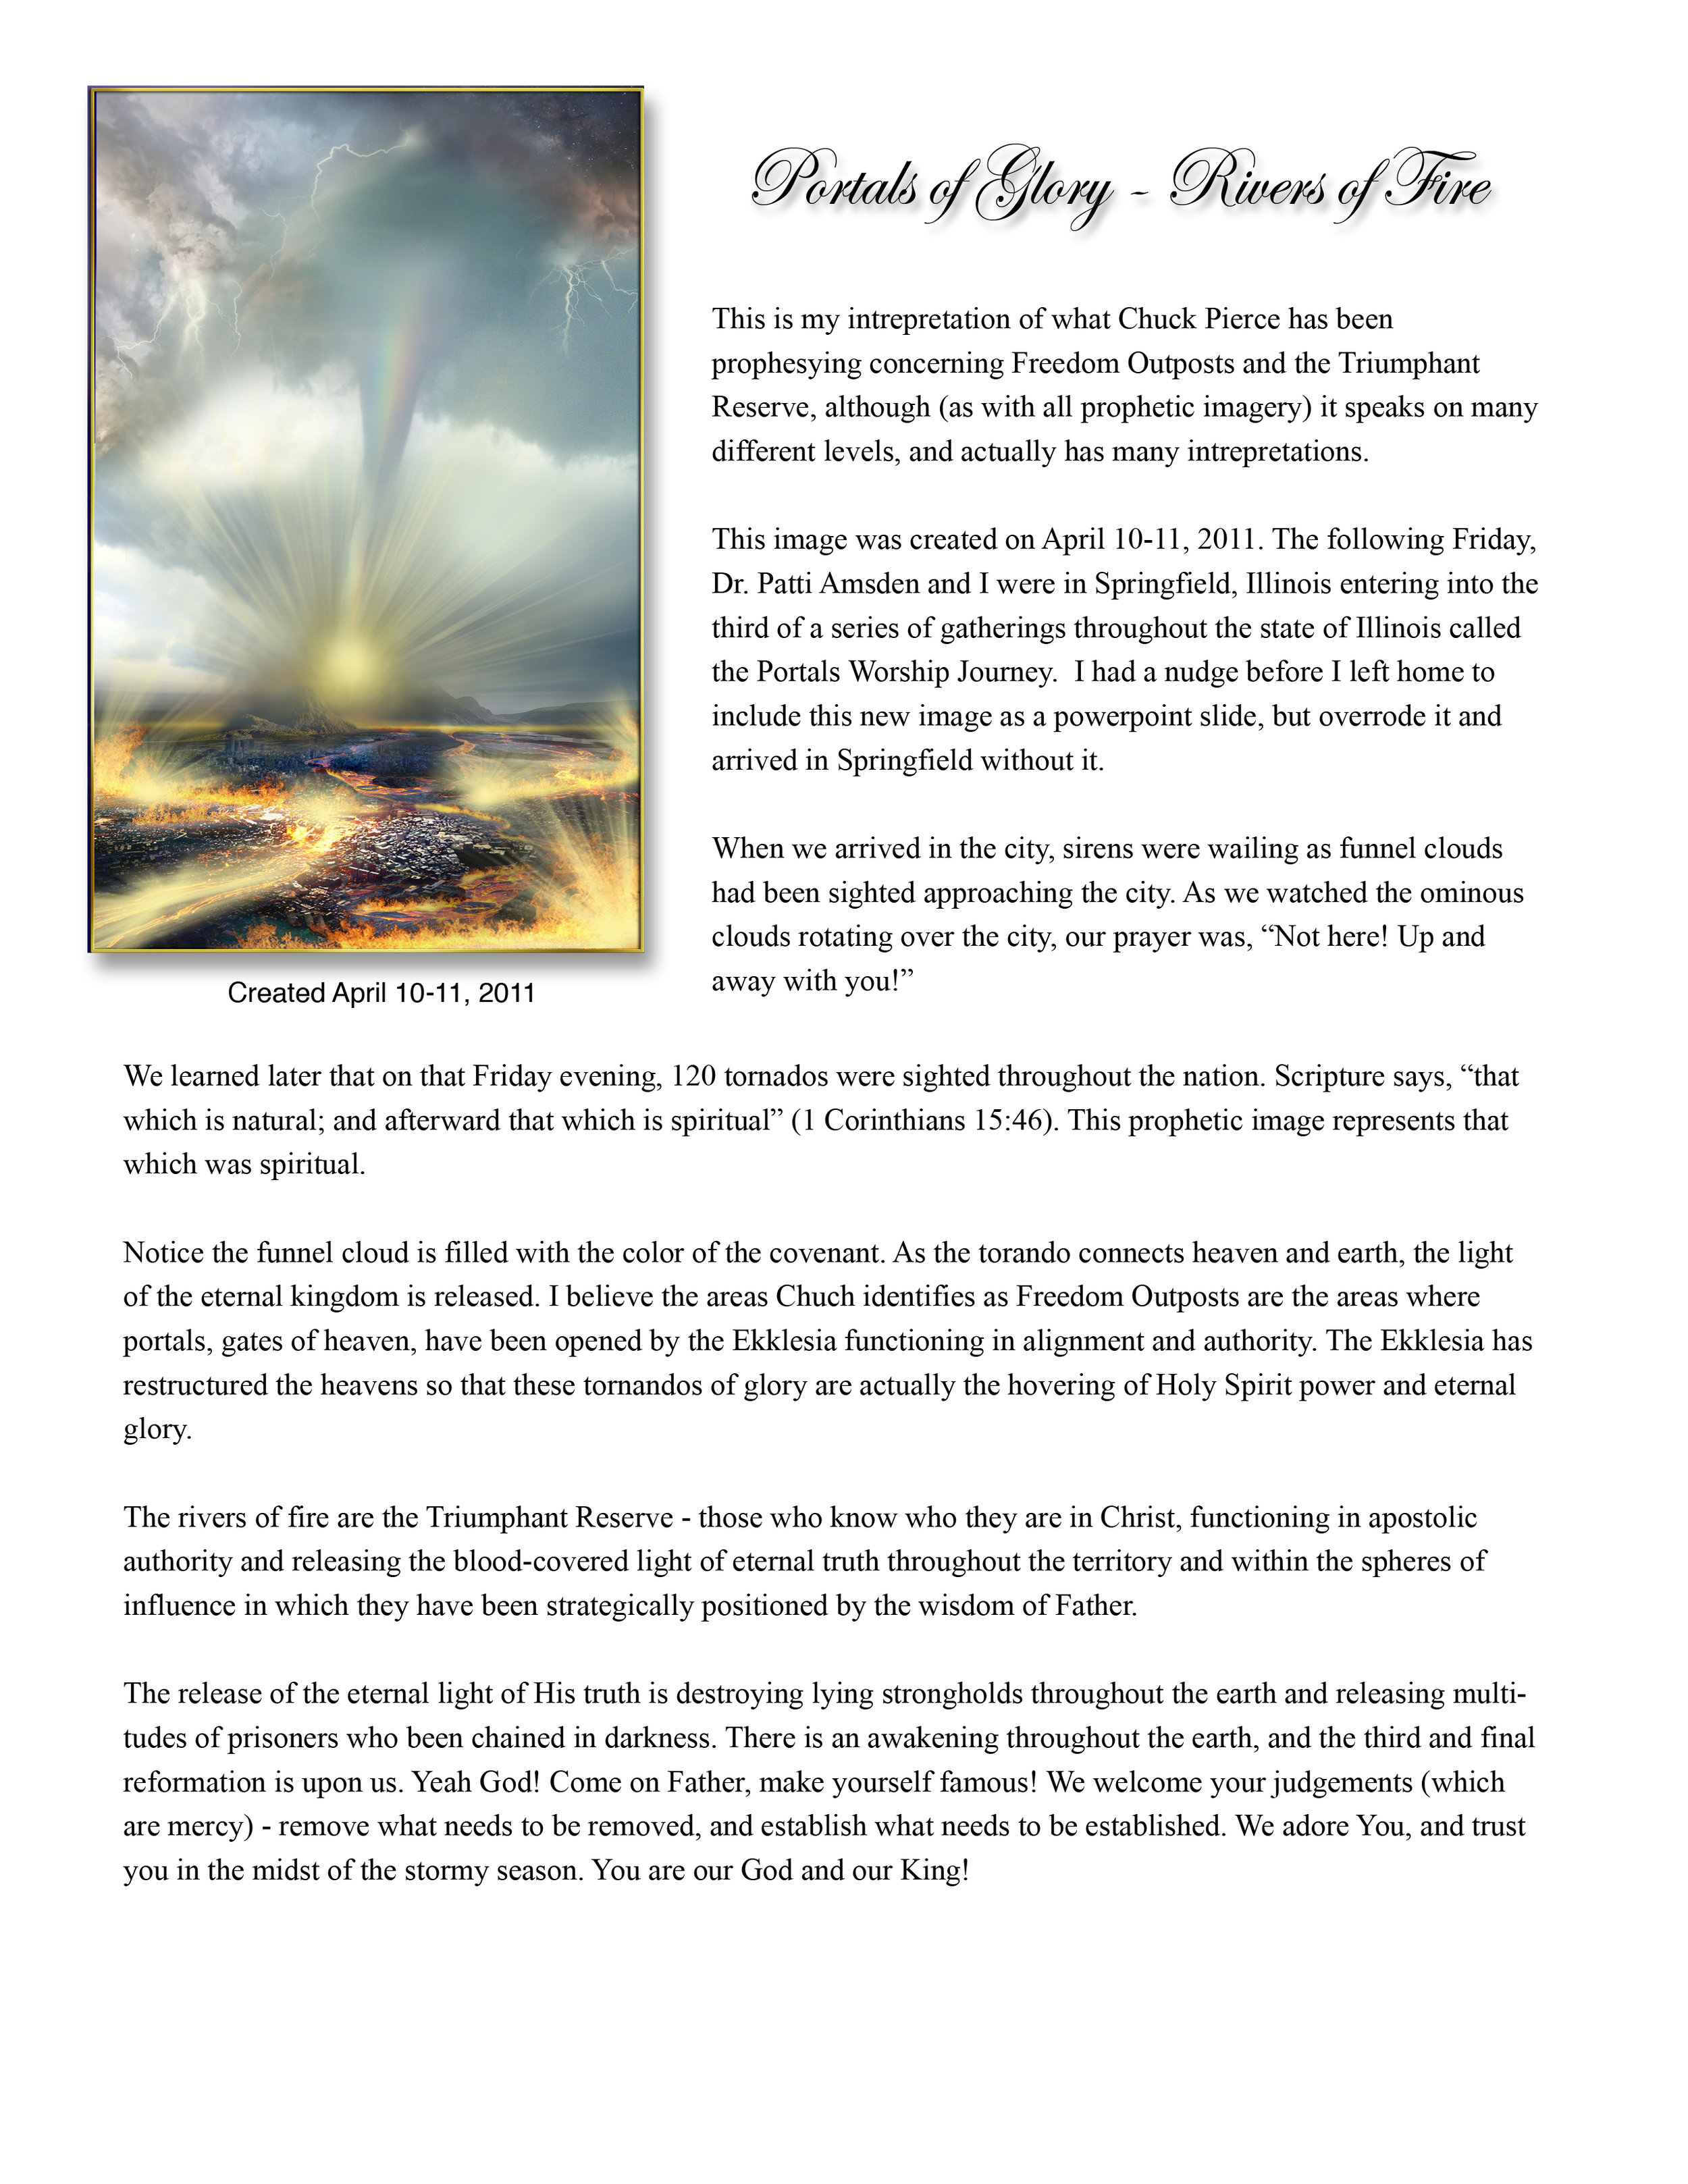 Portals of Glory, Rivers of Fire Description.jpg